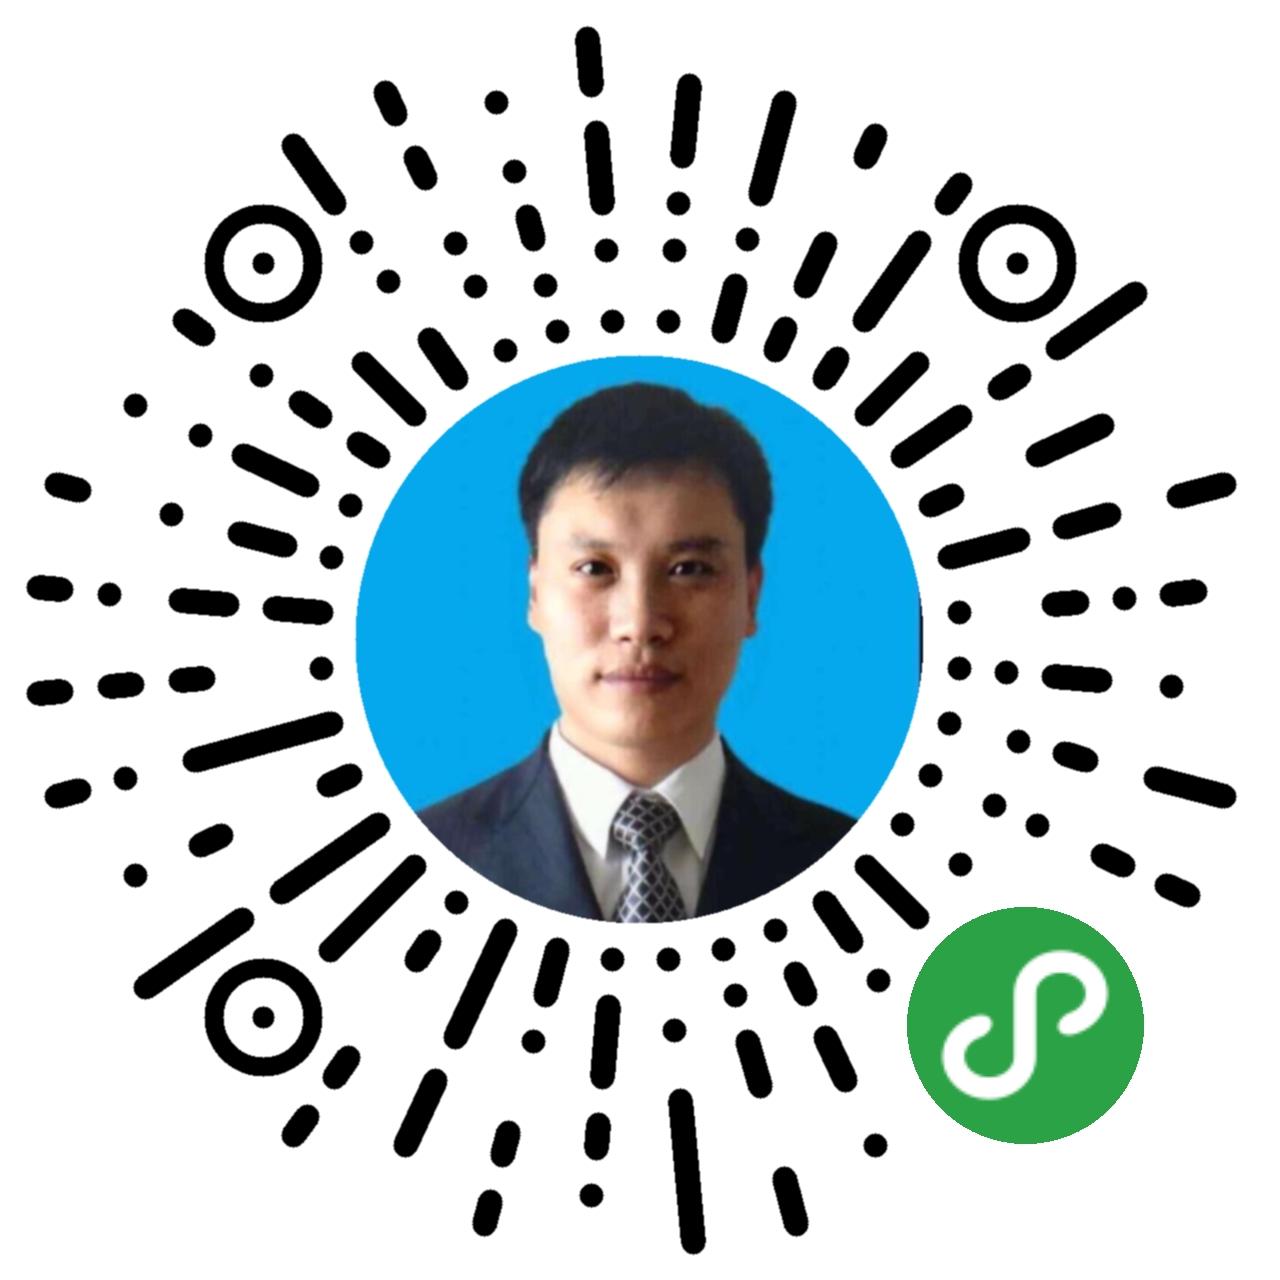 青岛律师郑小松小程序二维码